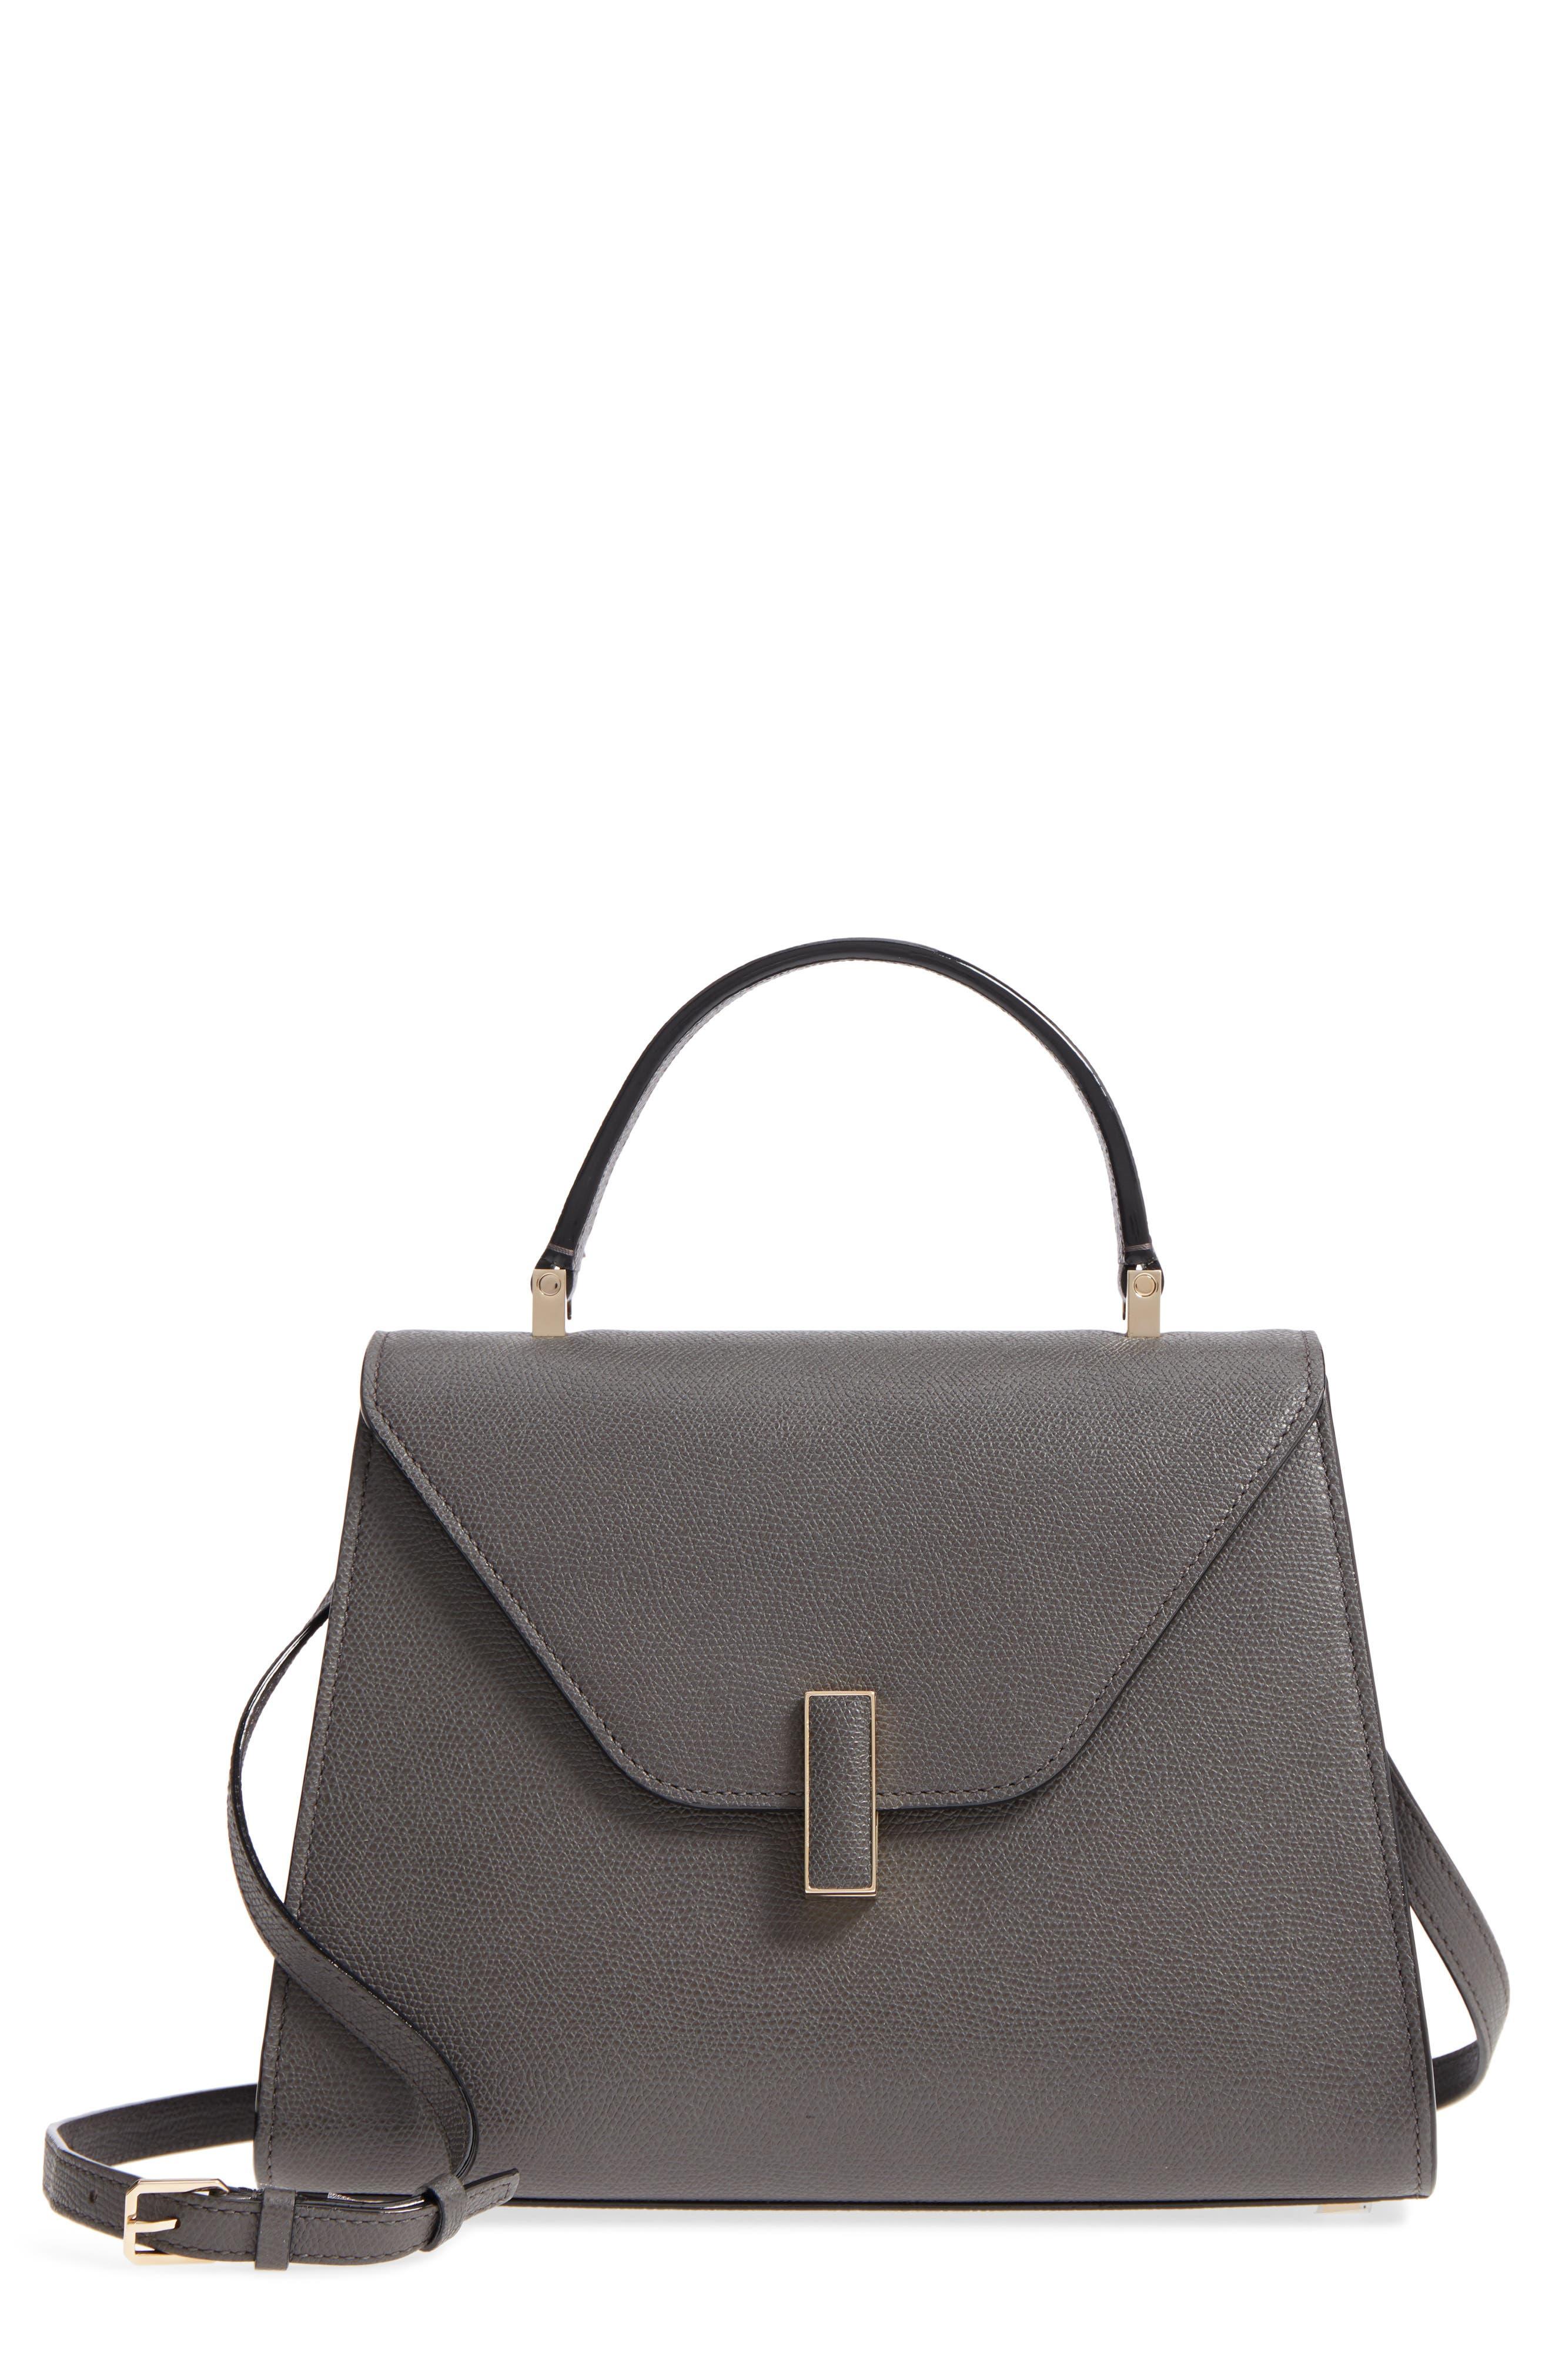 Iside Medium Top Handle Bag,                             Main thumbnail 1, color,                             FUMO DI LONDRA